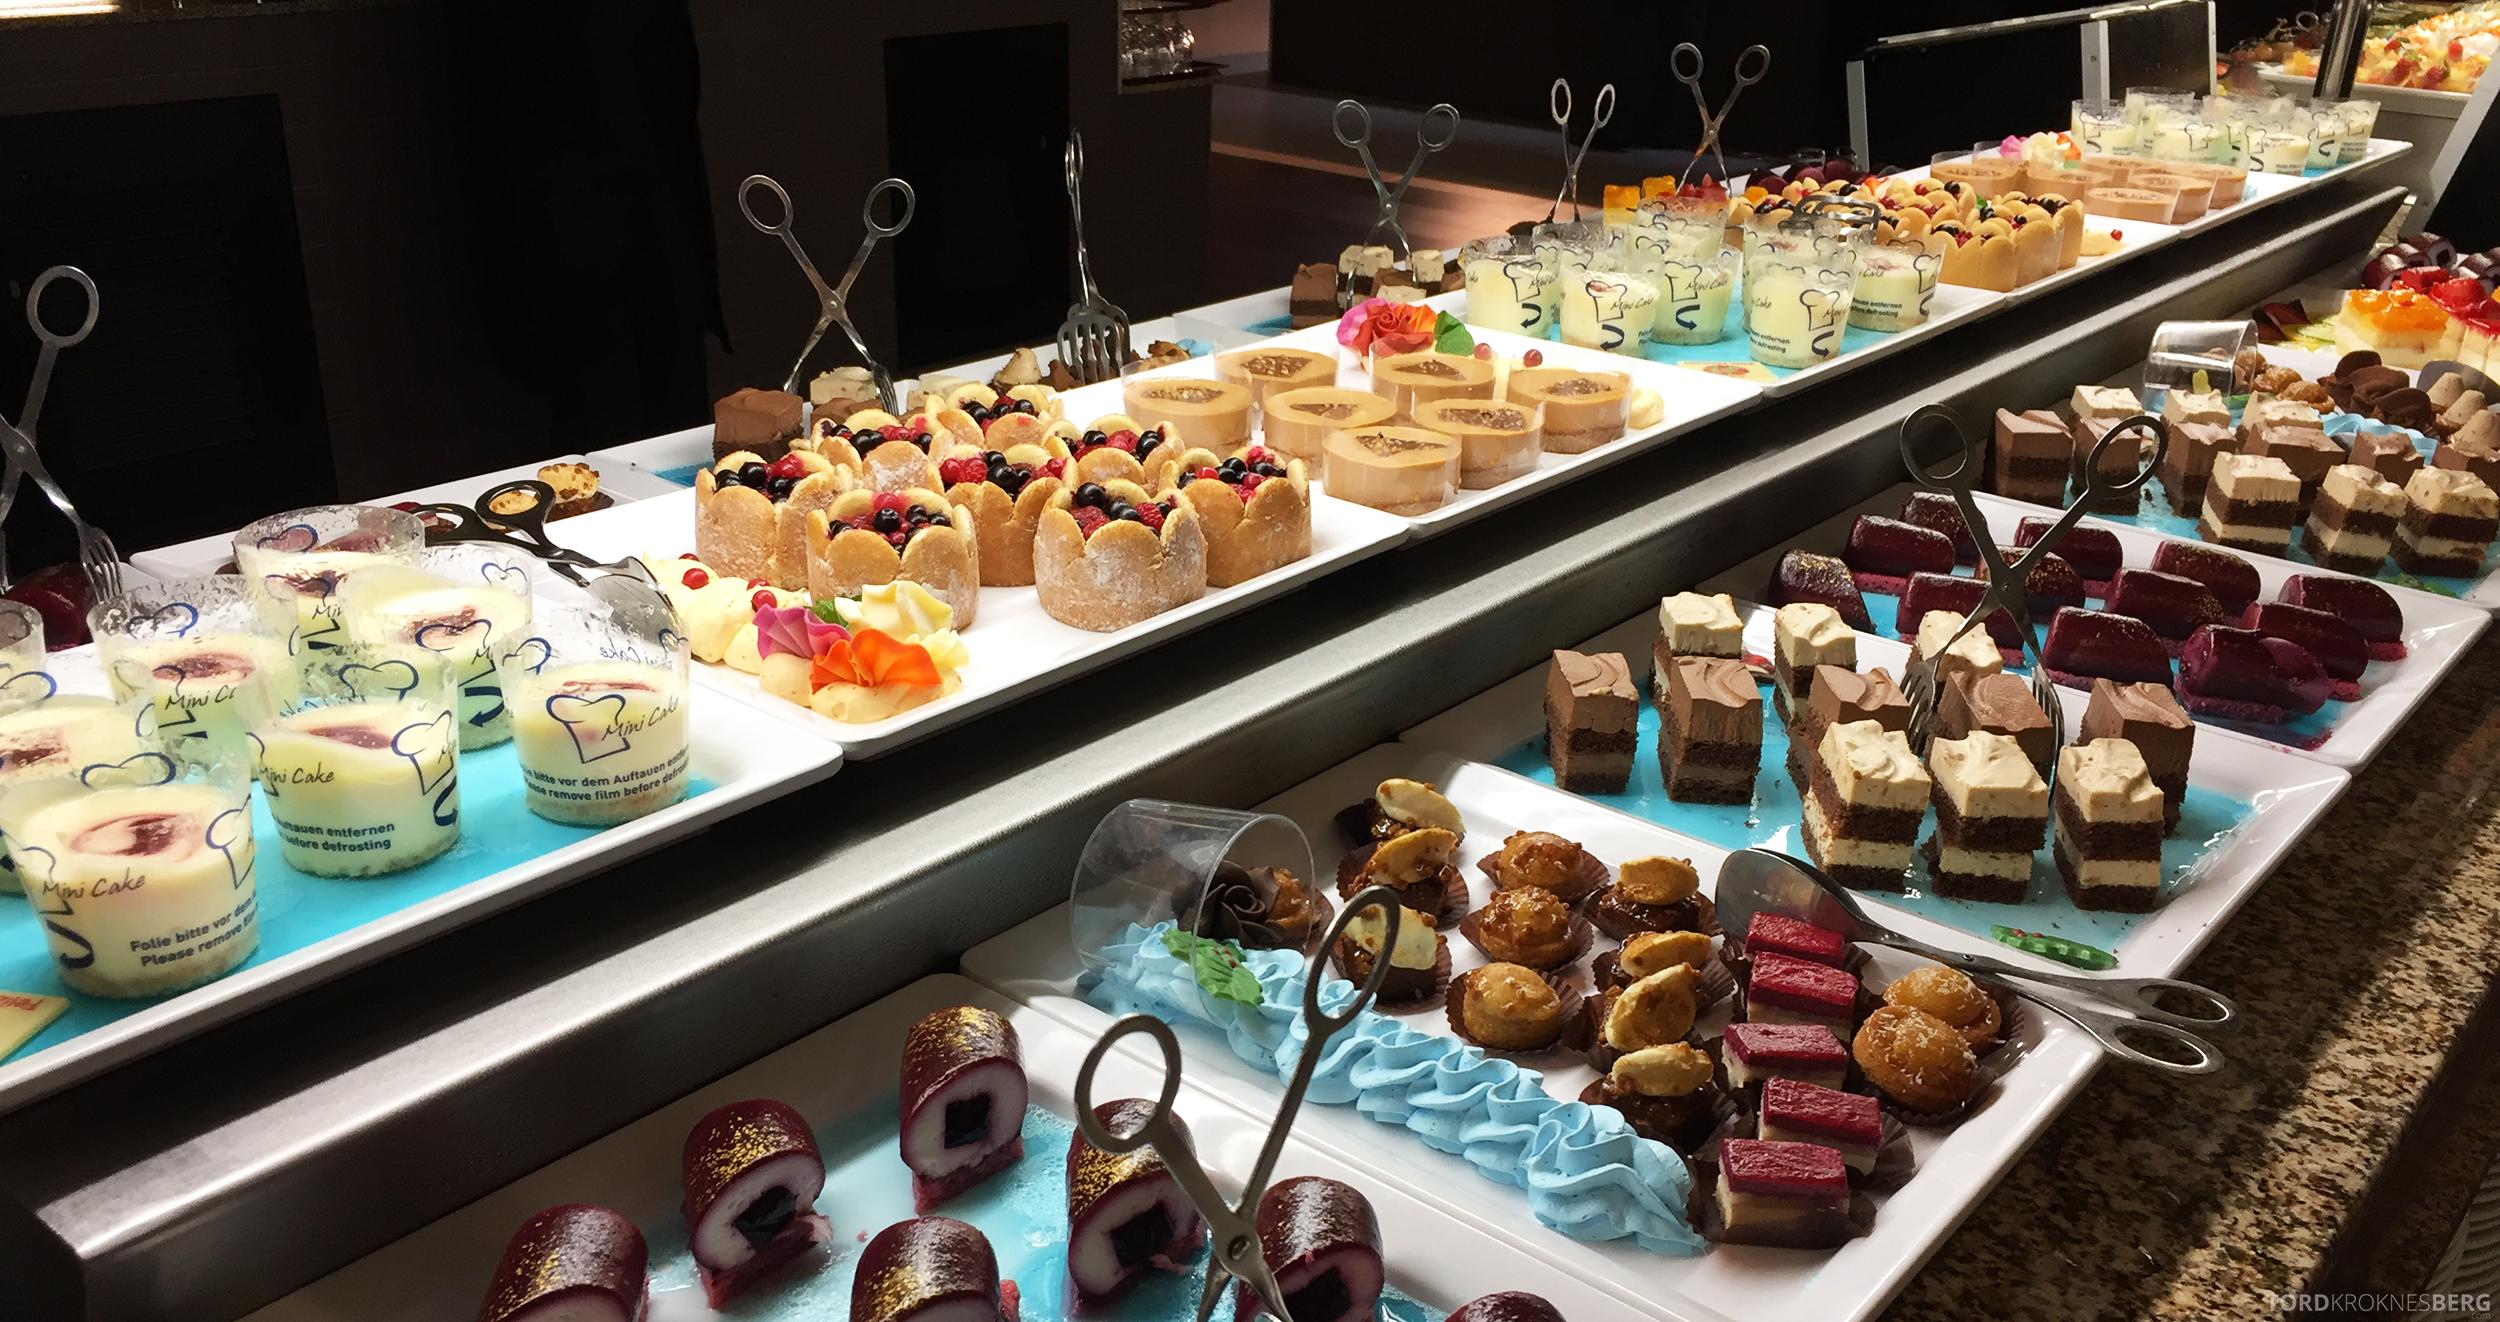 ClubHotel RIU Gran Canaria dessertbuffet